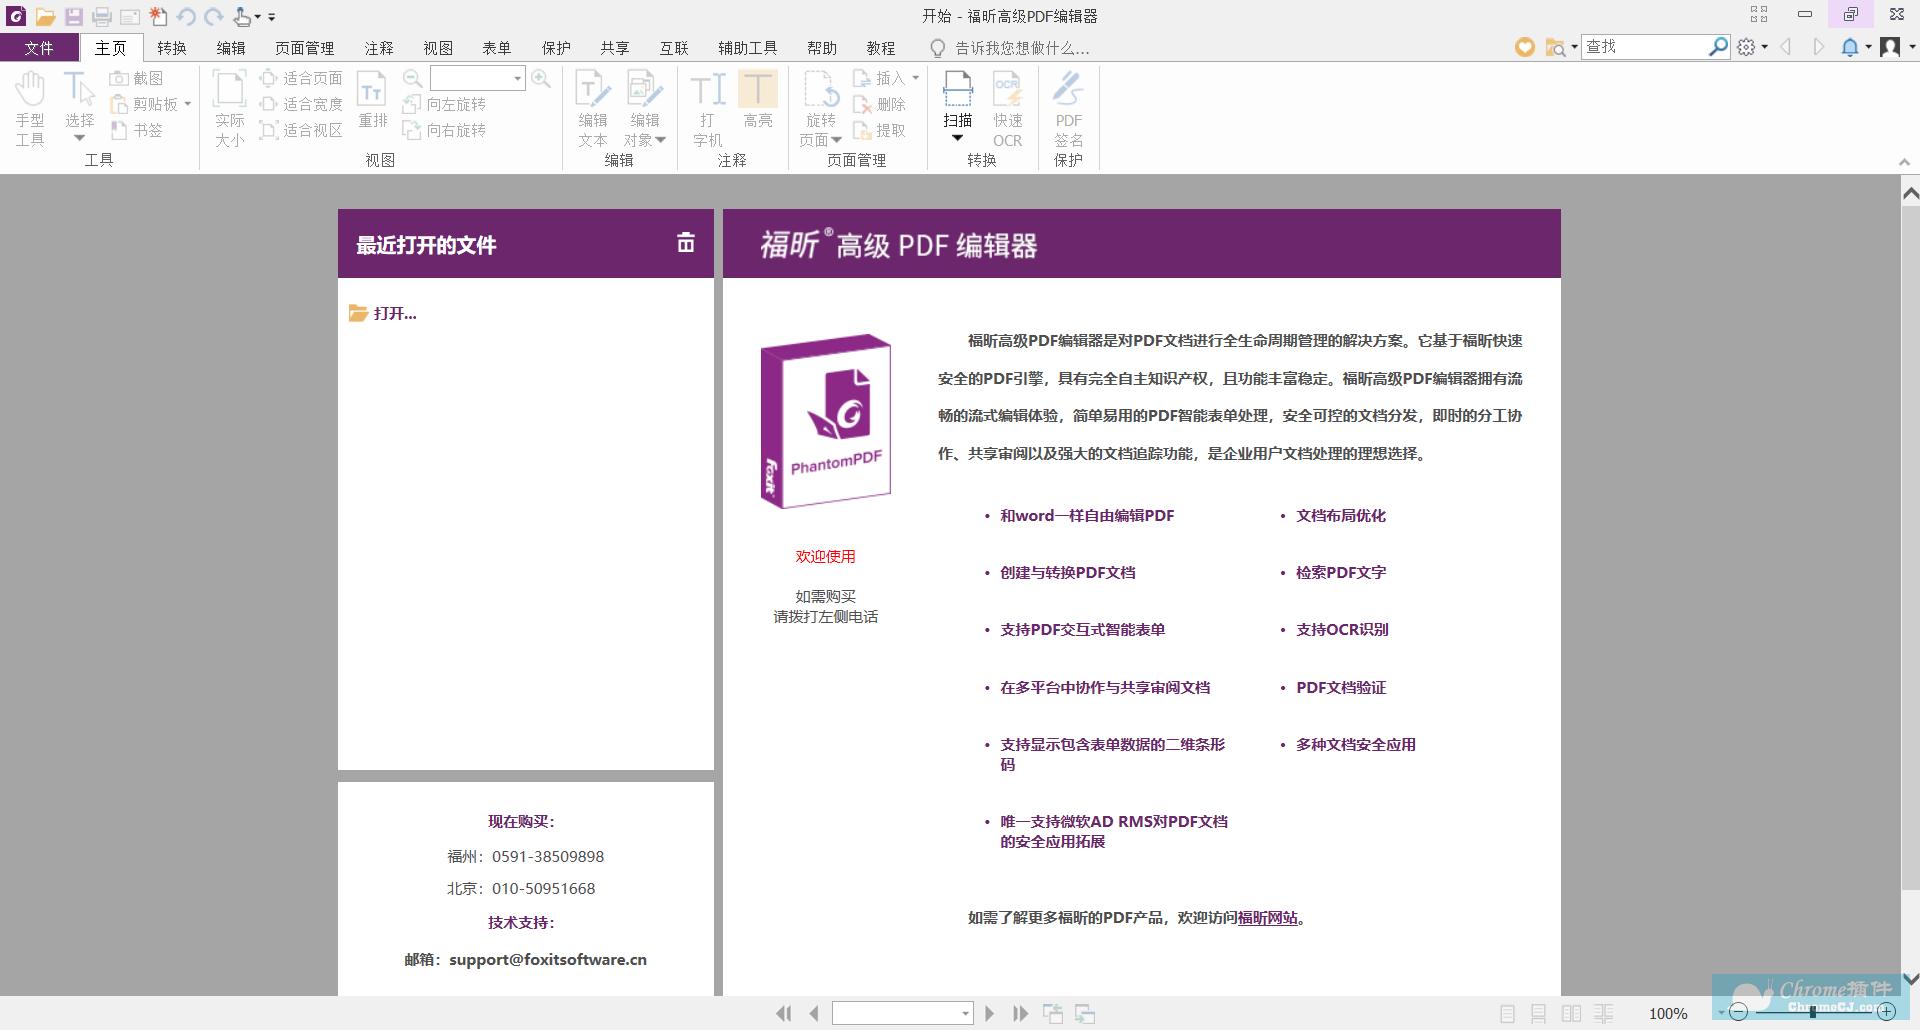 福昕PDF高级编辑器简介